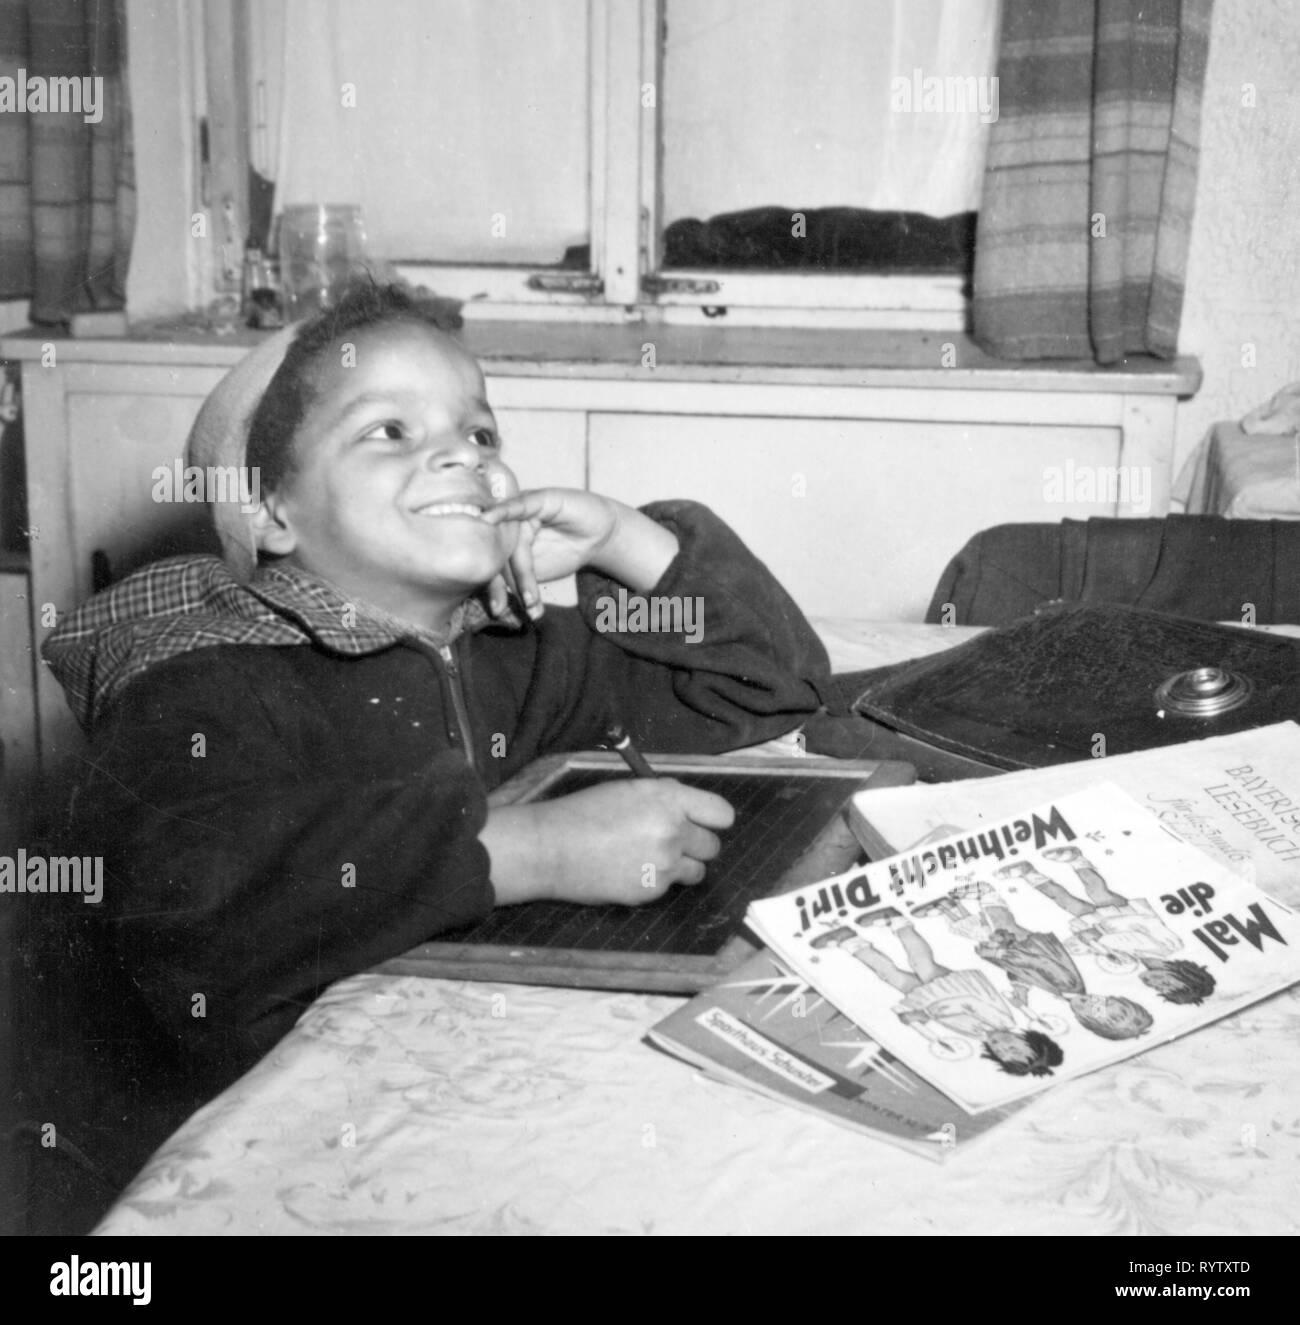 Natale, artigianato / Pittura, nero ragazza di pittura di immagini di Natale a tavola, Monaco di Baviera, anni cinquanta, Additional-Rights-Clearance-Info-Not-Available Immagini Stock